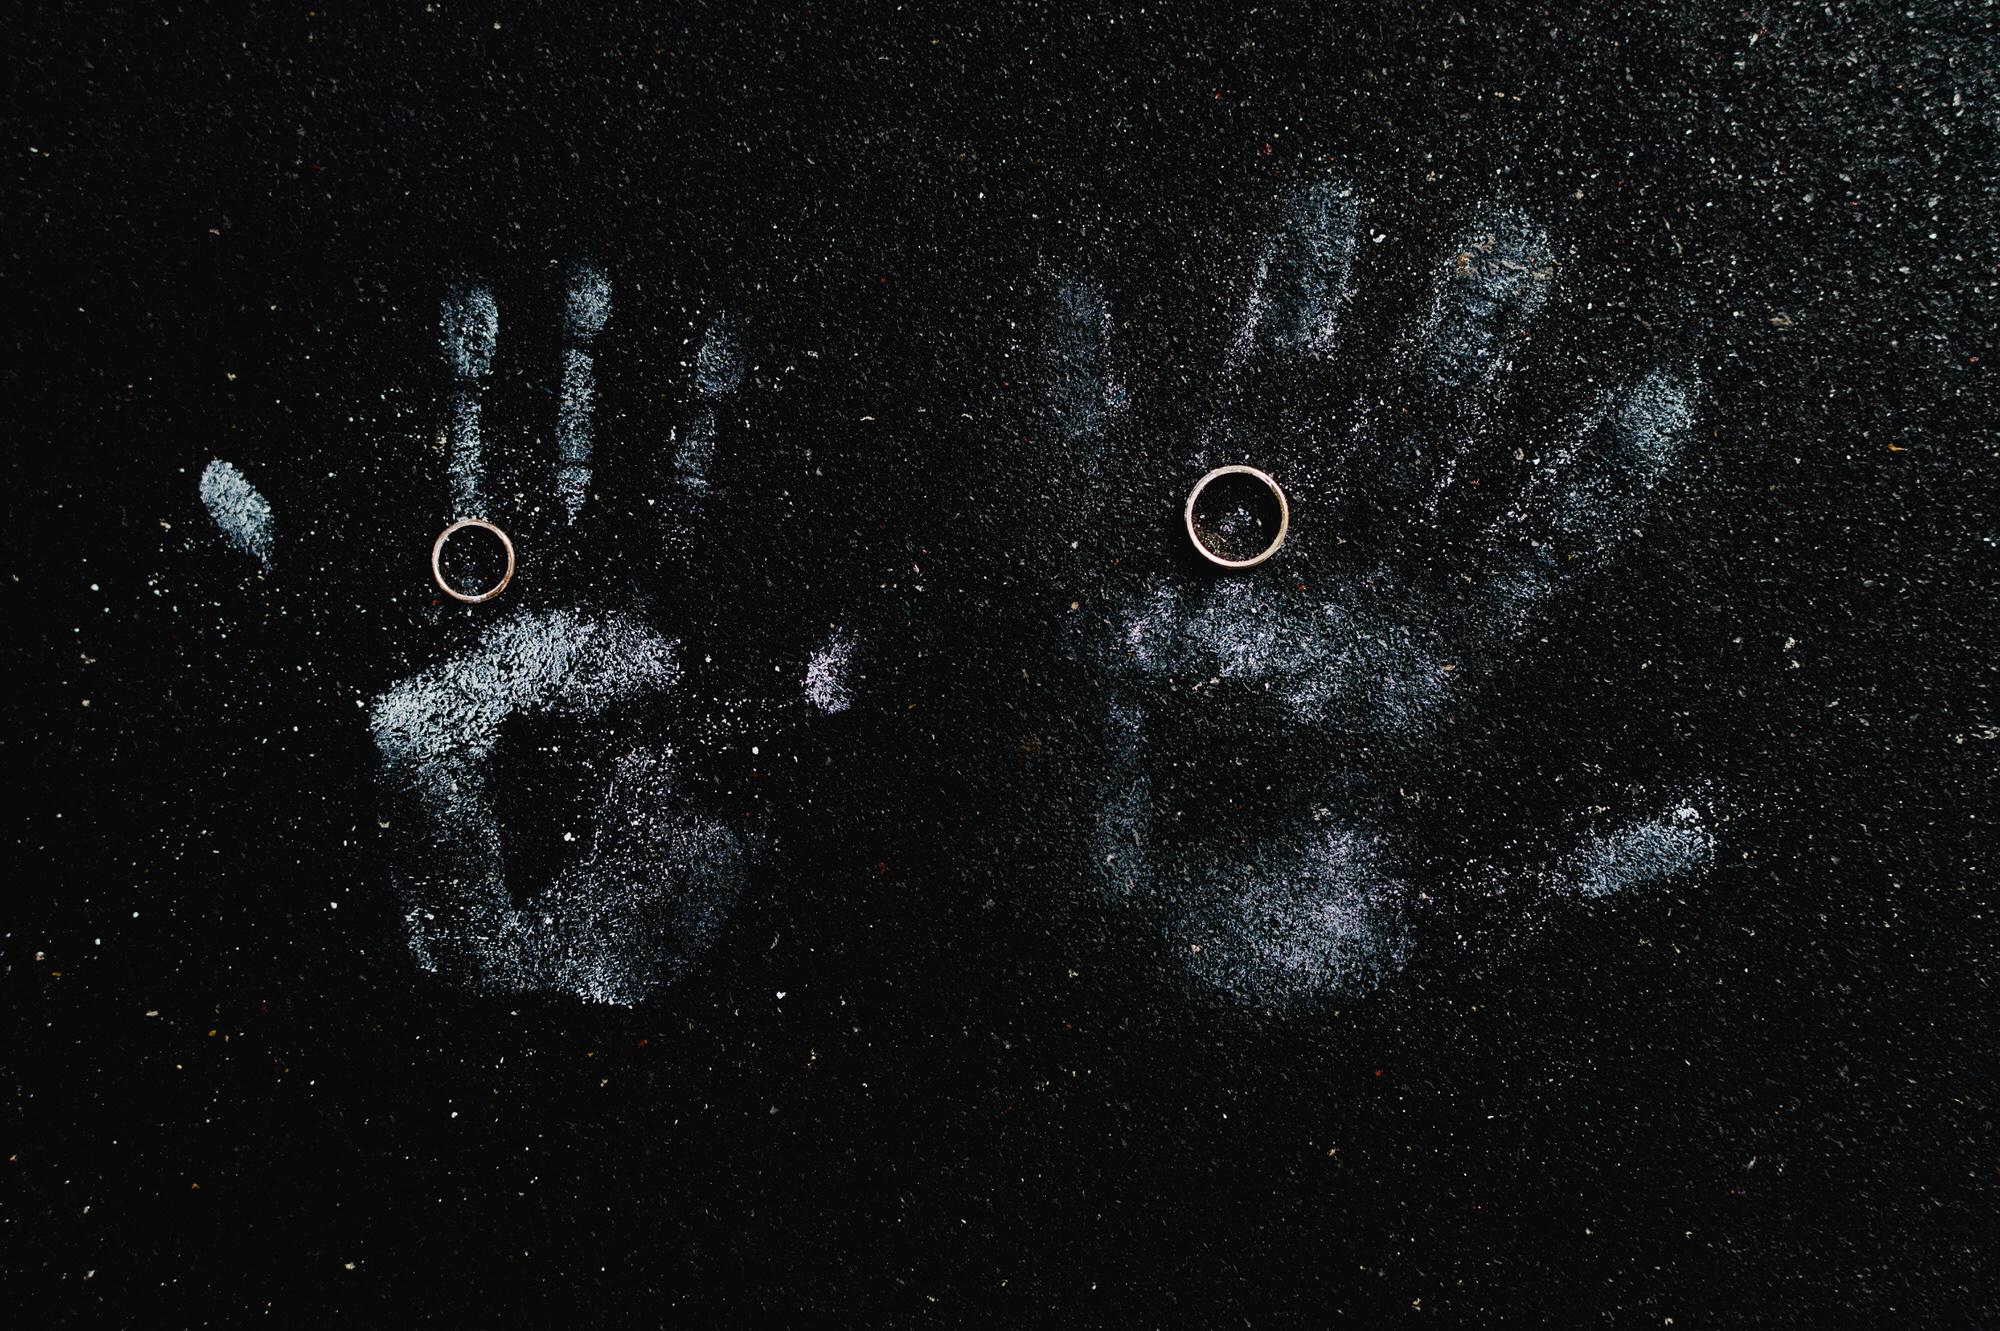 Rings against handprints - photo by Ken Pak